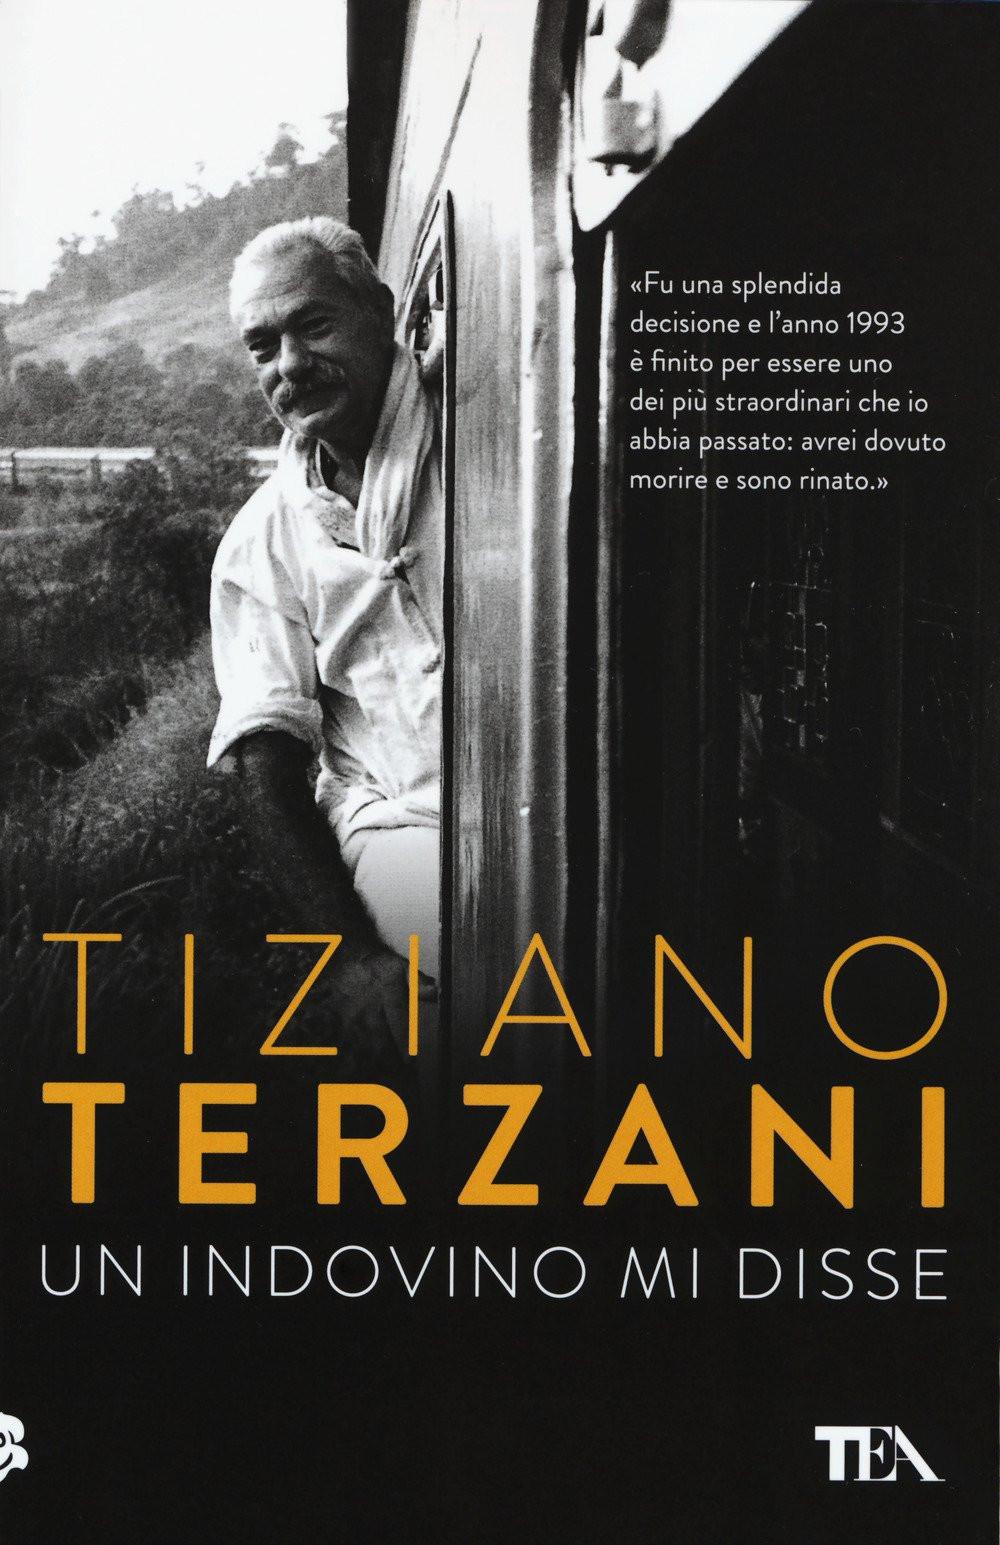 Un indovino mi disse Tiziano Terzani